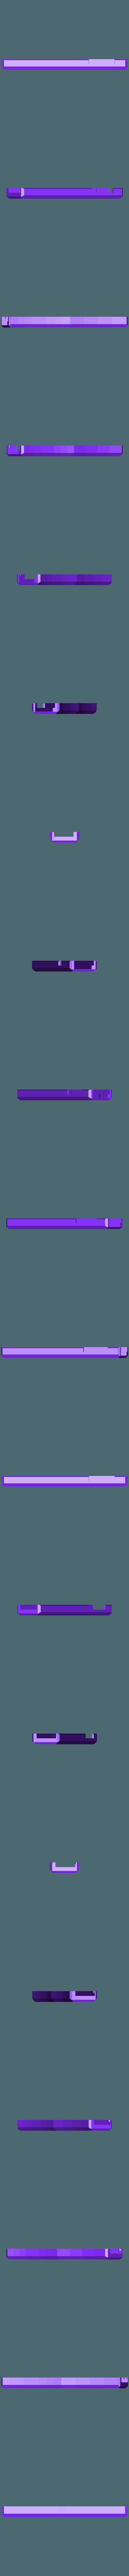 """case.stl Télécharger fichier STL gratuit OTF Knife Switch Blade (Fonctionnel) version """"améliorée"""" v1.2 • Modèle imprimable en 3D, mathiaspl20"""